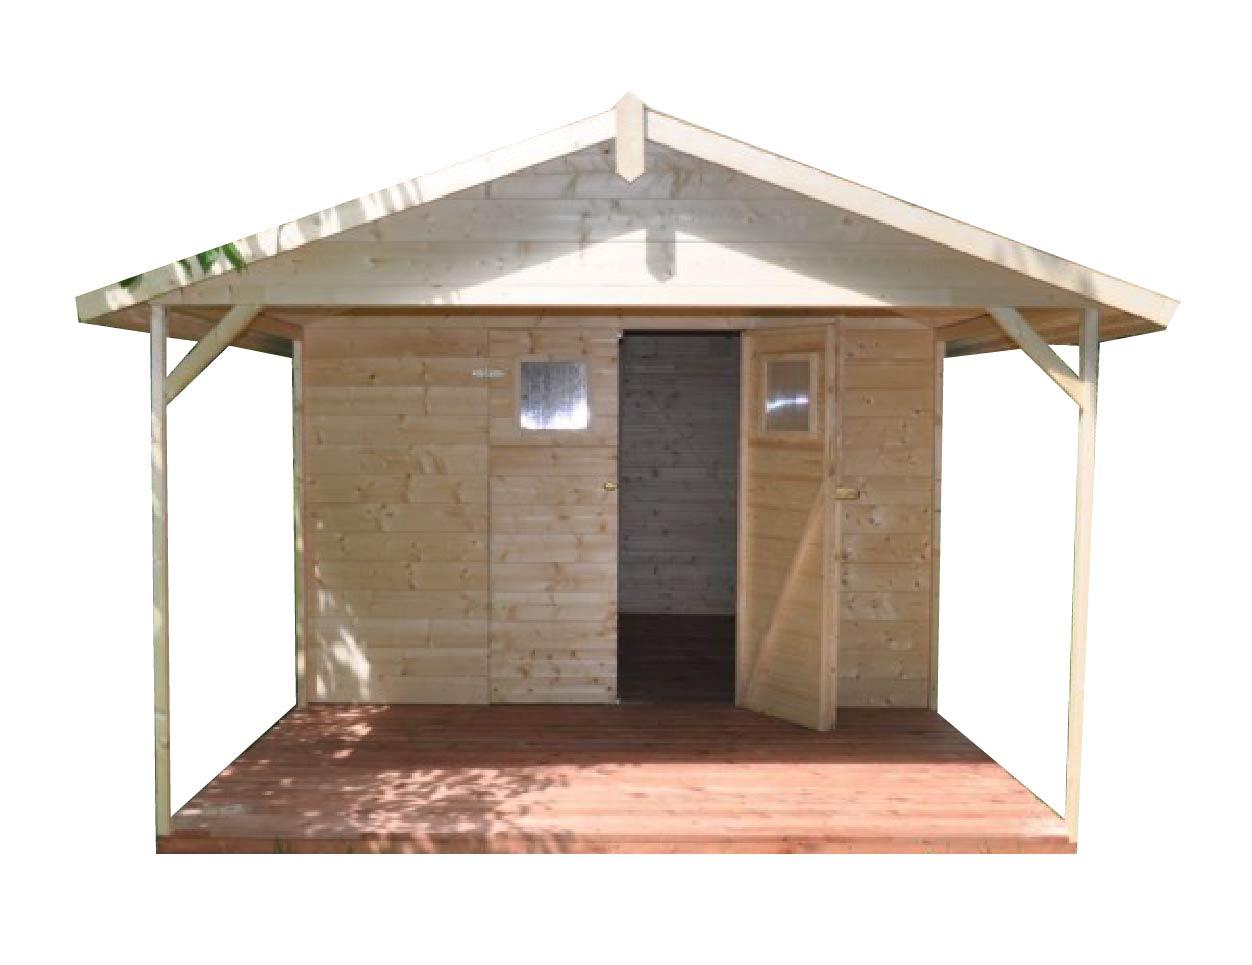 gartenh user mit terrasse gartenhaus aus holz mit terrasse 8 6m2 3 6m2 19mm mit fenstern. Black Bedroom Furniture Sets. Home Design Ideas